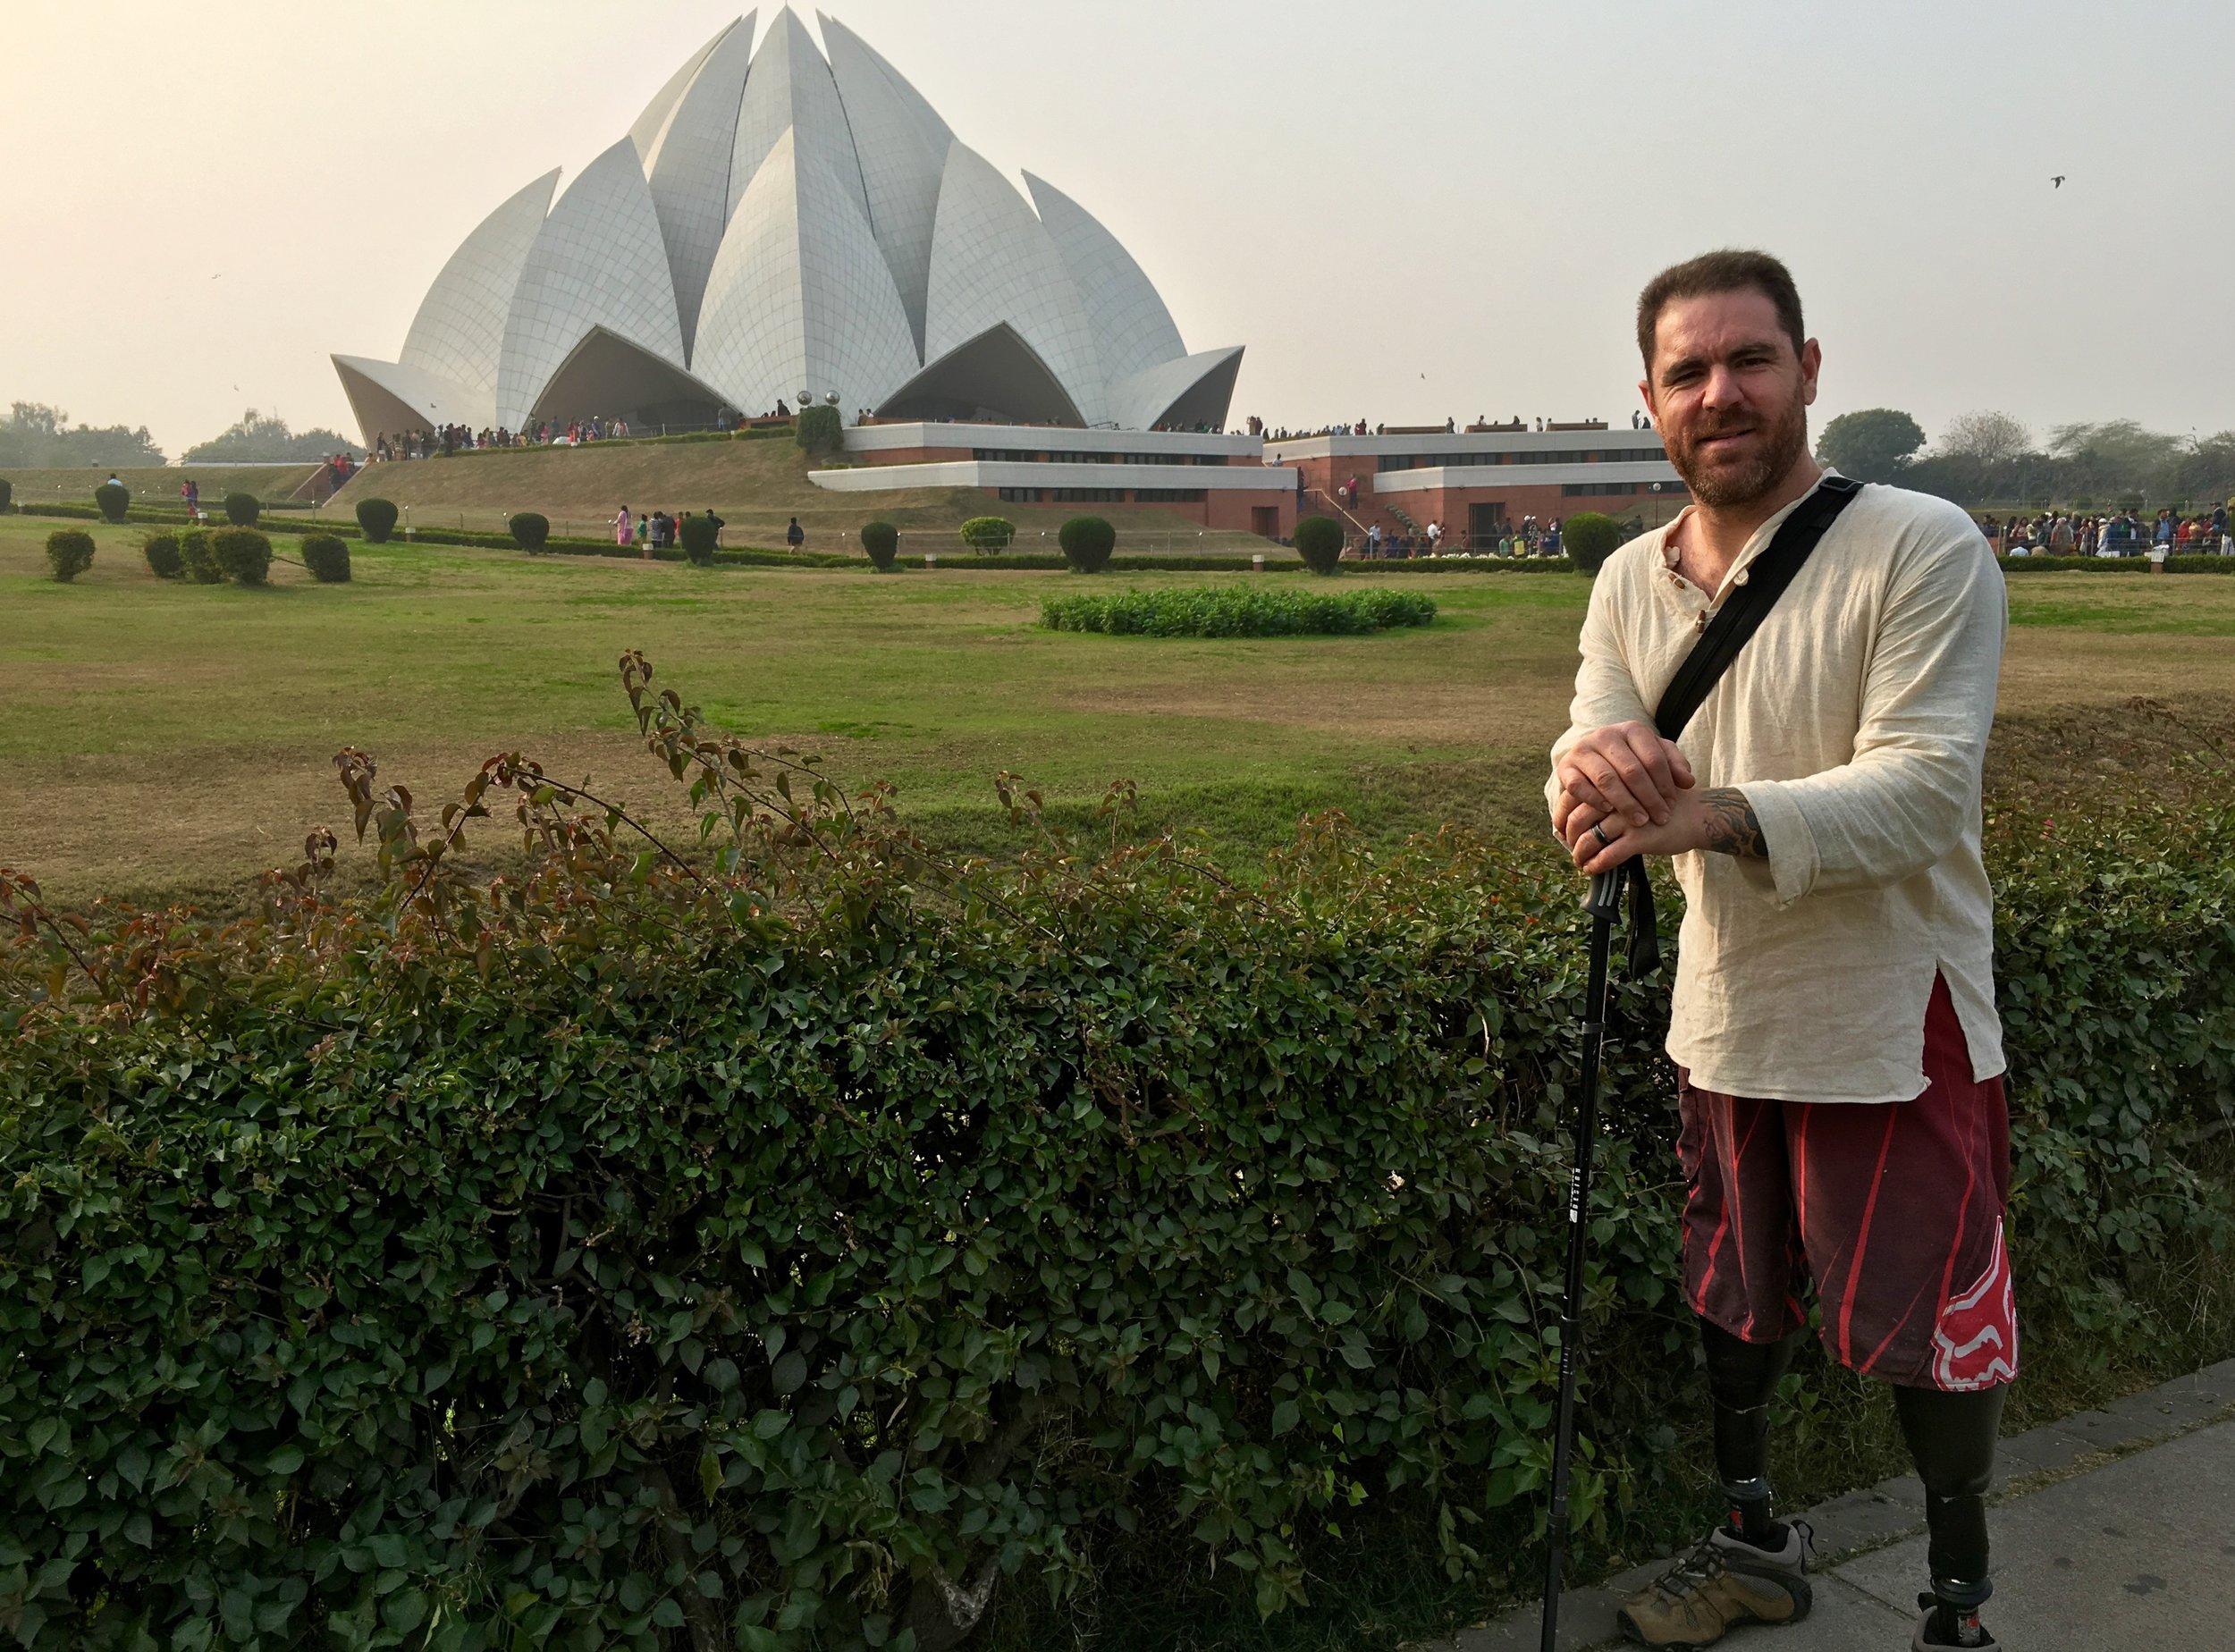 bahai Lotus temple Delhi India